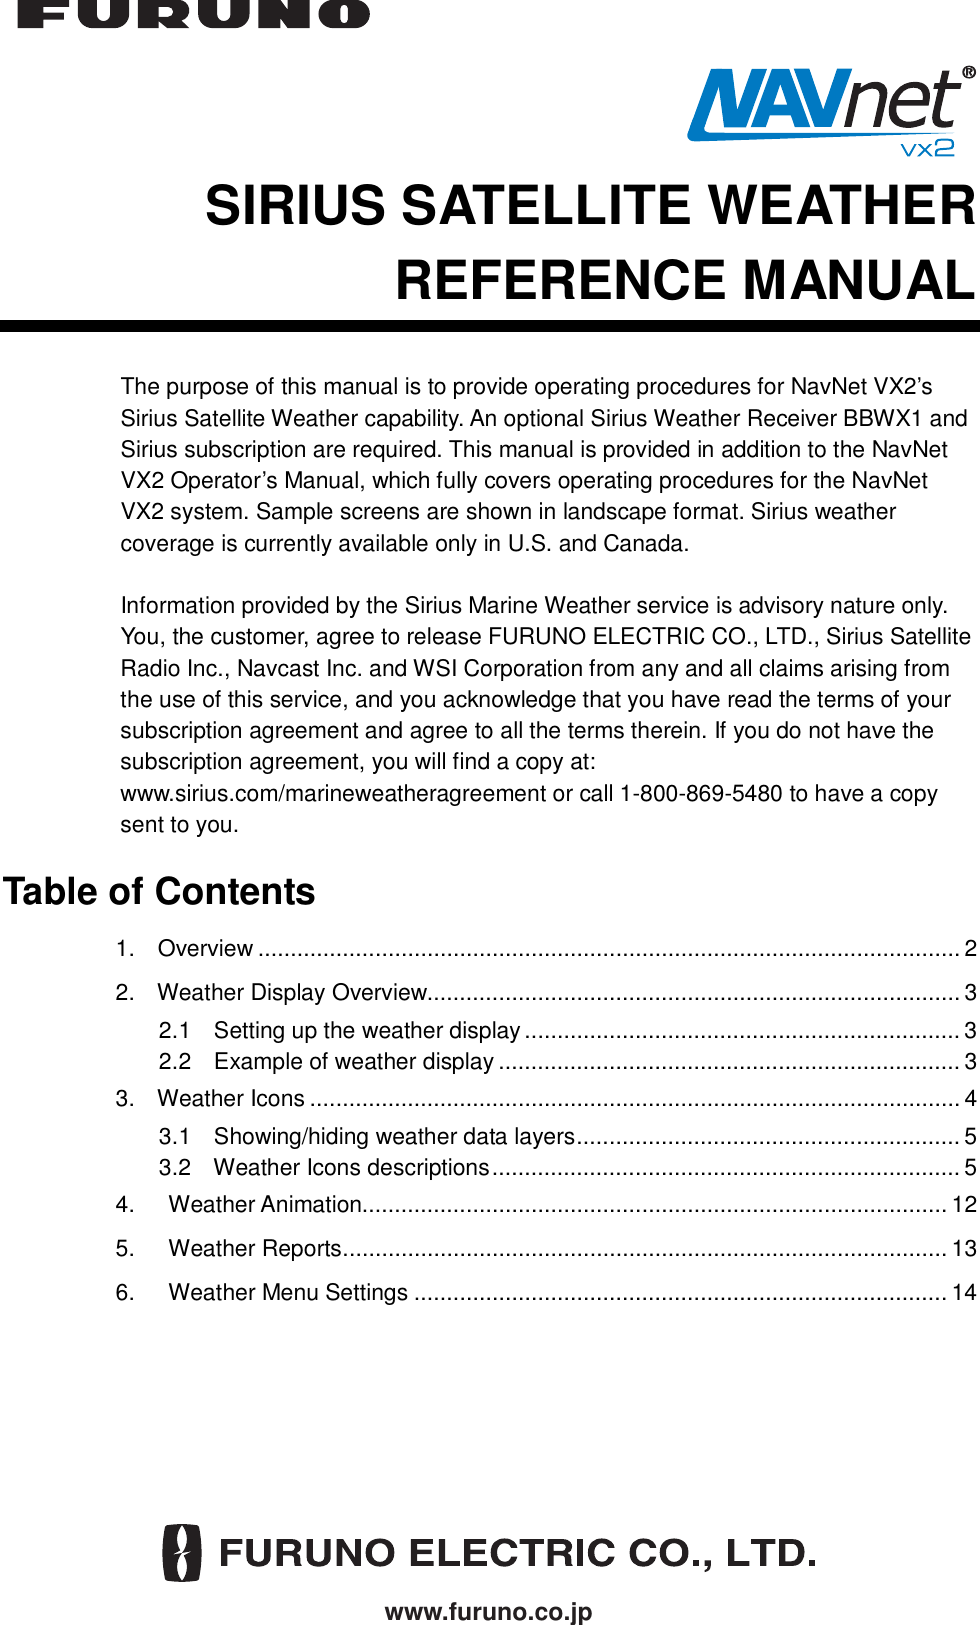 Furuno 1834C Nt Operators Manual